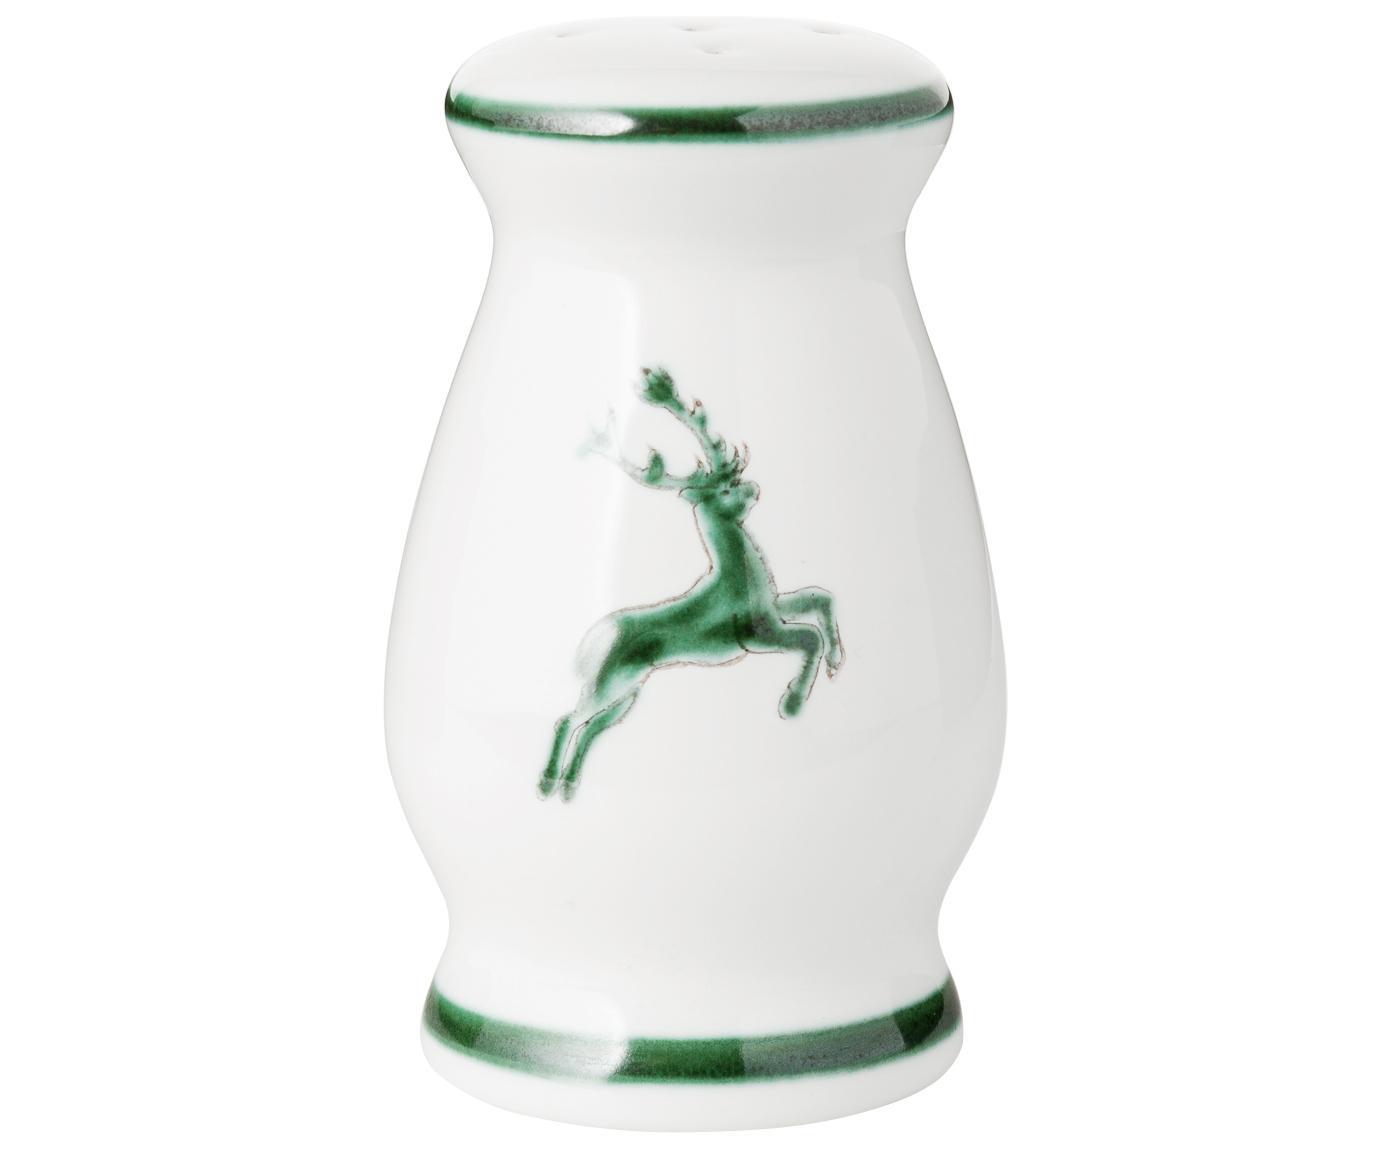 Solniczka Gourmet Grüner Hirsch, Ceramika, Zielony, biały, 9 cm